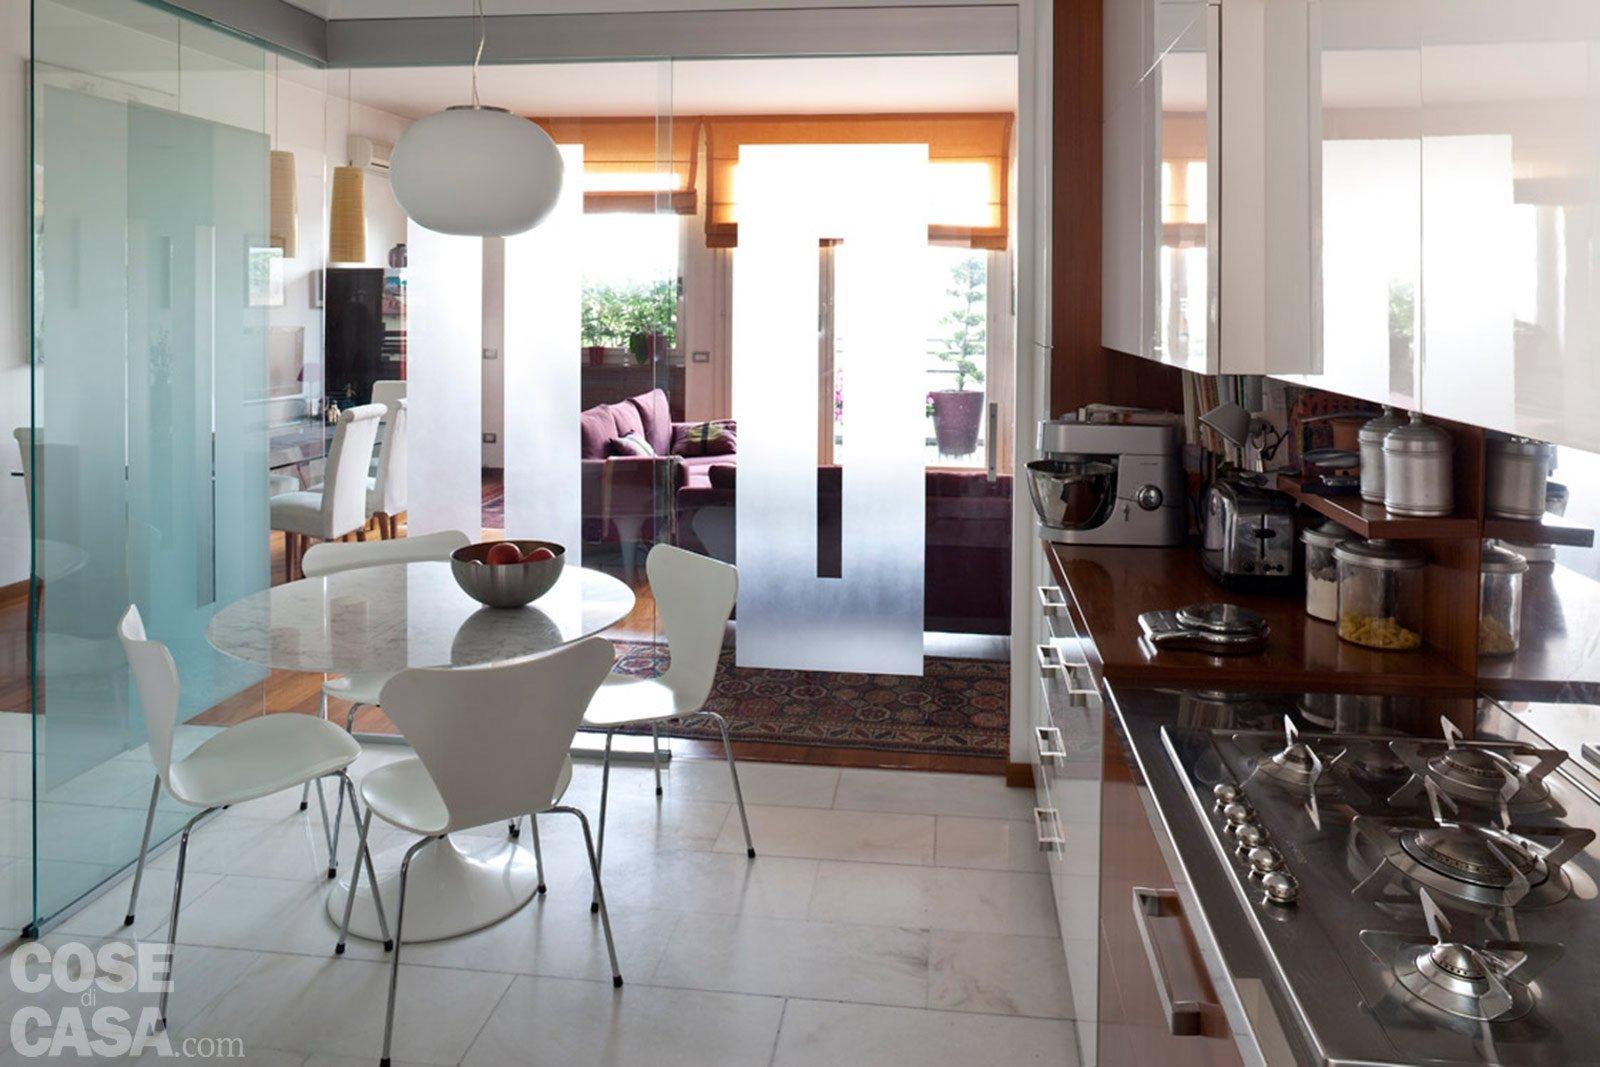 Una casa rinnovata nel look con luce moltiplicata cose for Arredare piccolo soggiorno pranzo